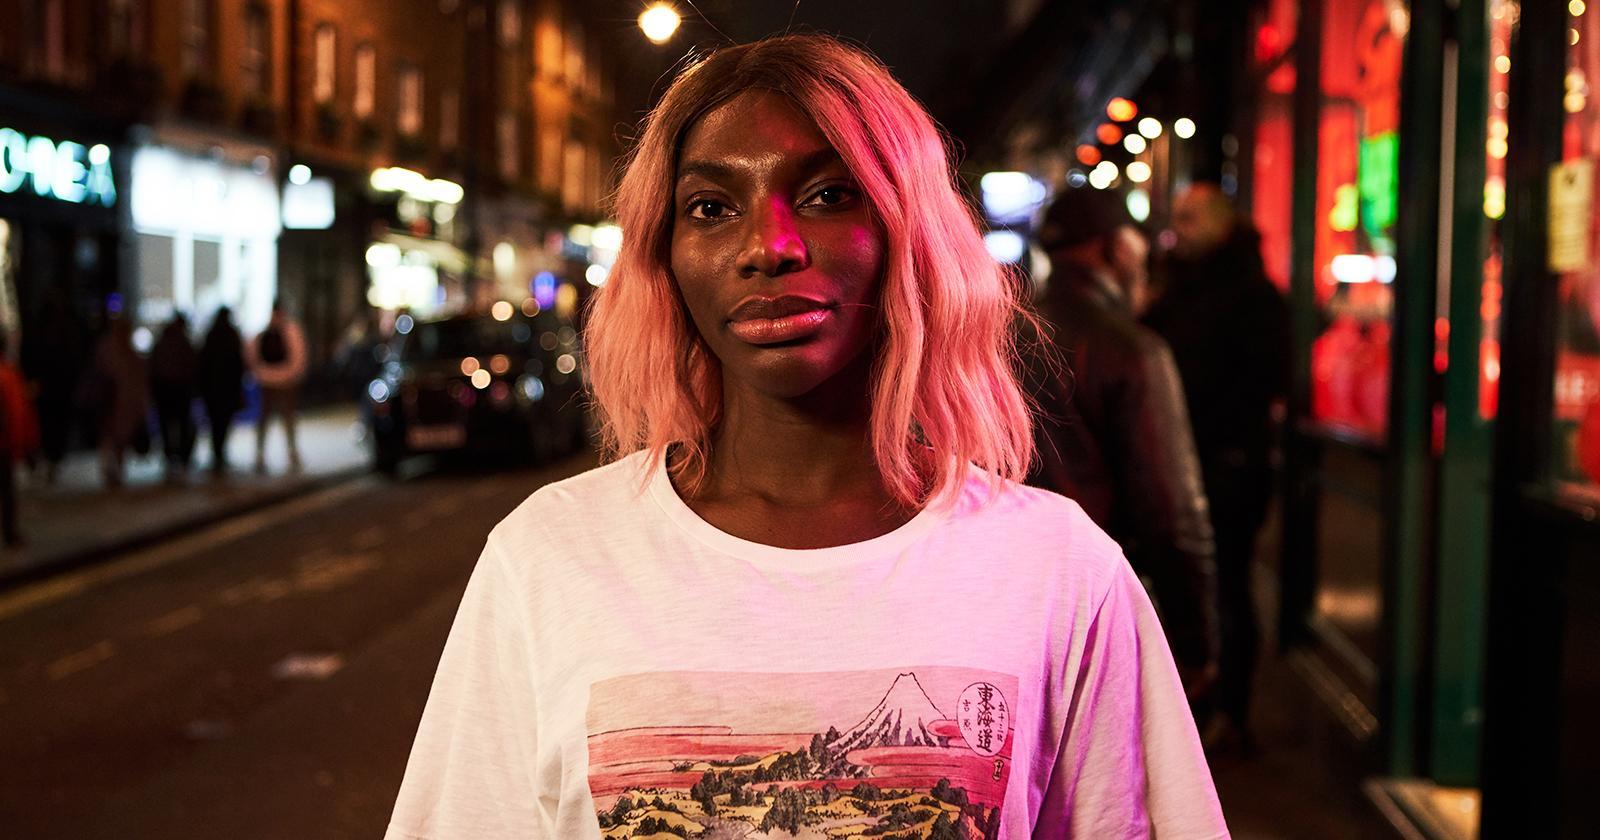 Michaela Coel, protagonista y creadora de I May Destroy You, mirando a la cámara de frente. Detrás, la ciudad de Londres iluminada por luces de neón.